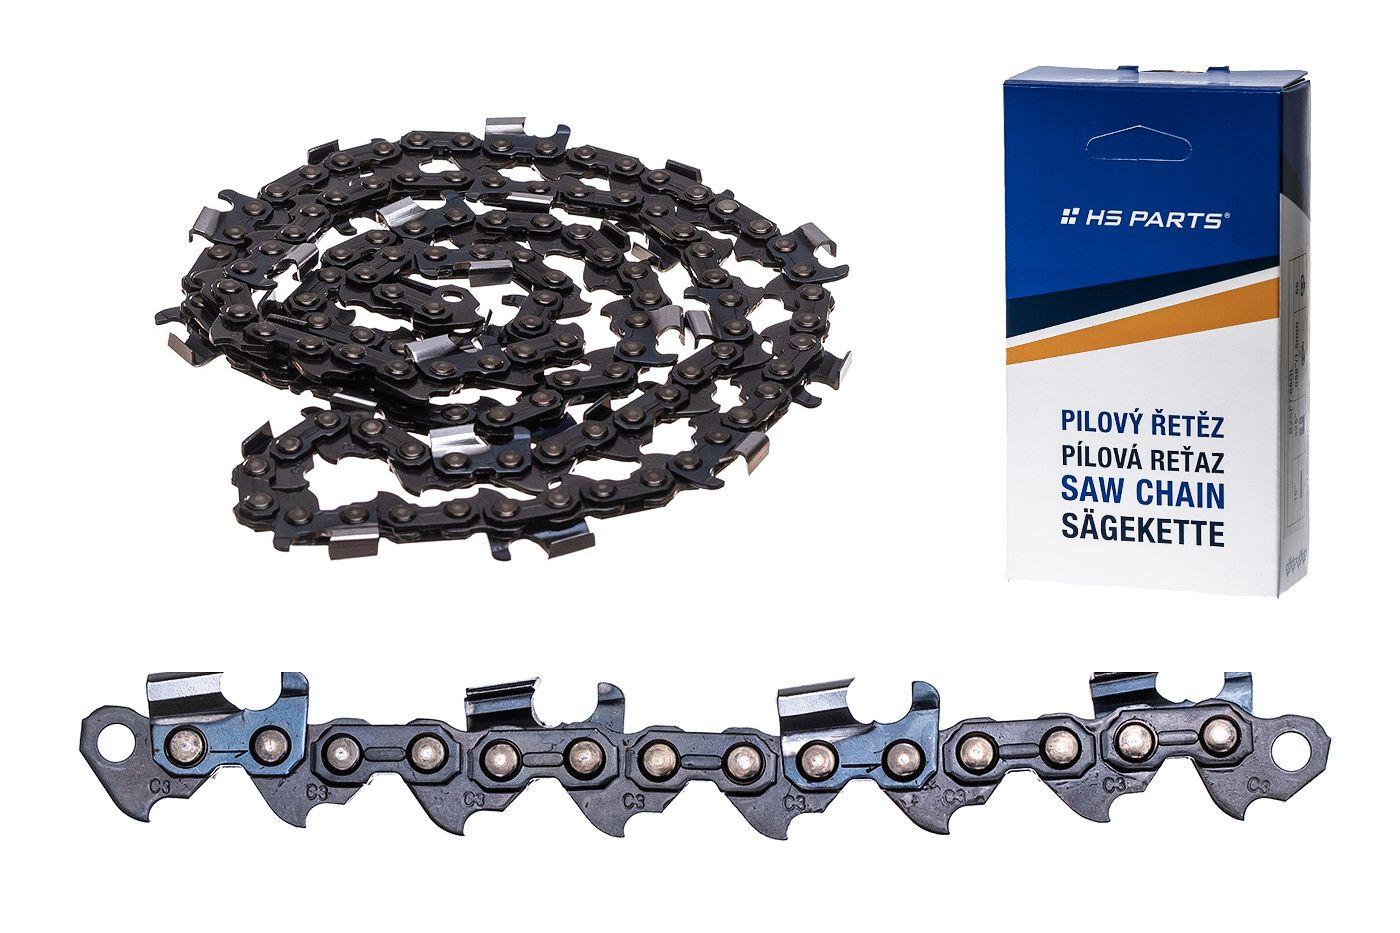 """HS PARTS pilový řetěz 3/8"""" .063"""" (1,6 mm) 60 čl."""